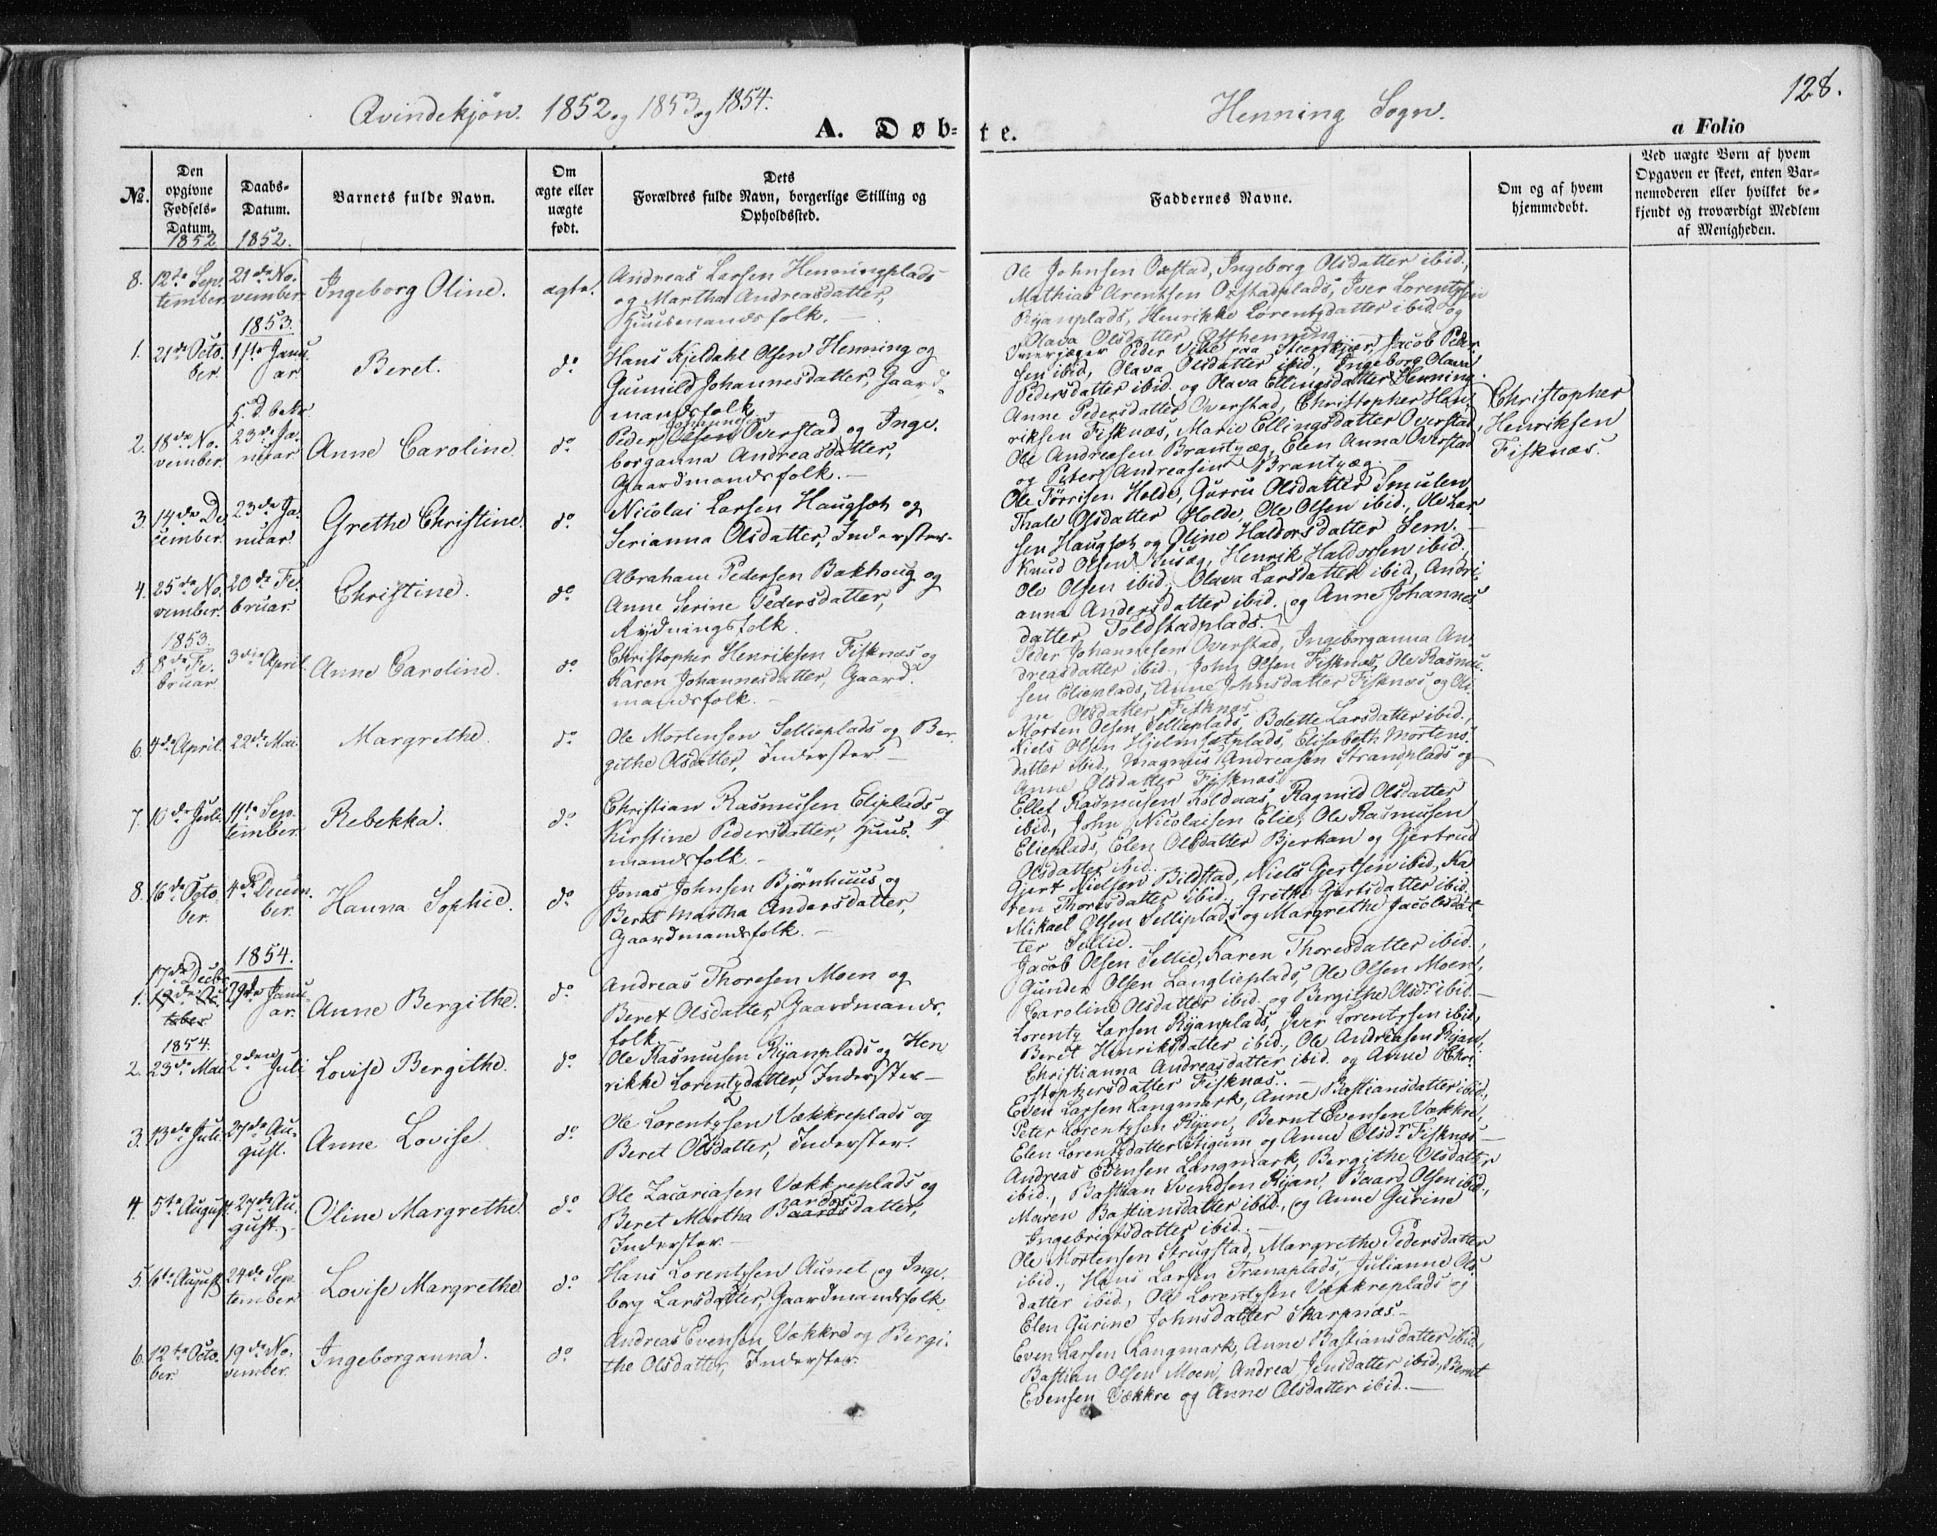 SAT, Ministerialprotokoller, klokkerbøker og fødselsregistre - Nord-Trøndelag, 735/L0342: Ministerialbok nr. 735A07 /3, 1849-1862, s. 128